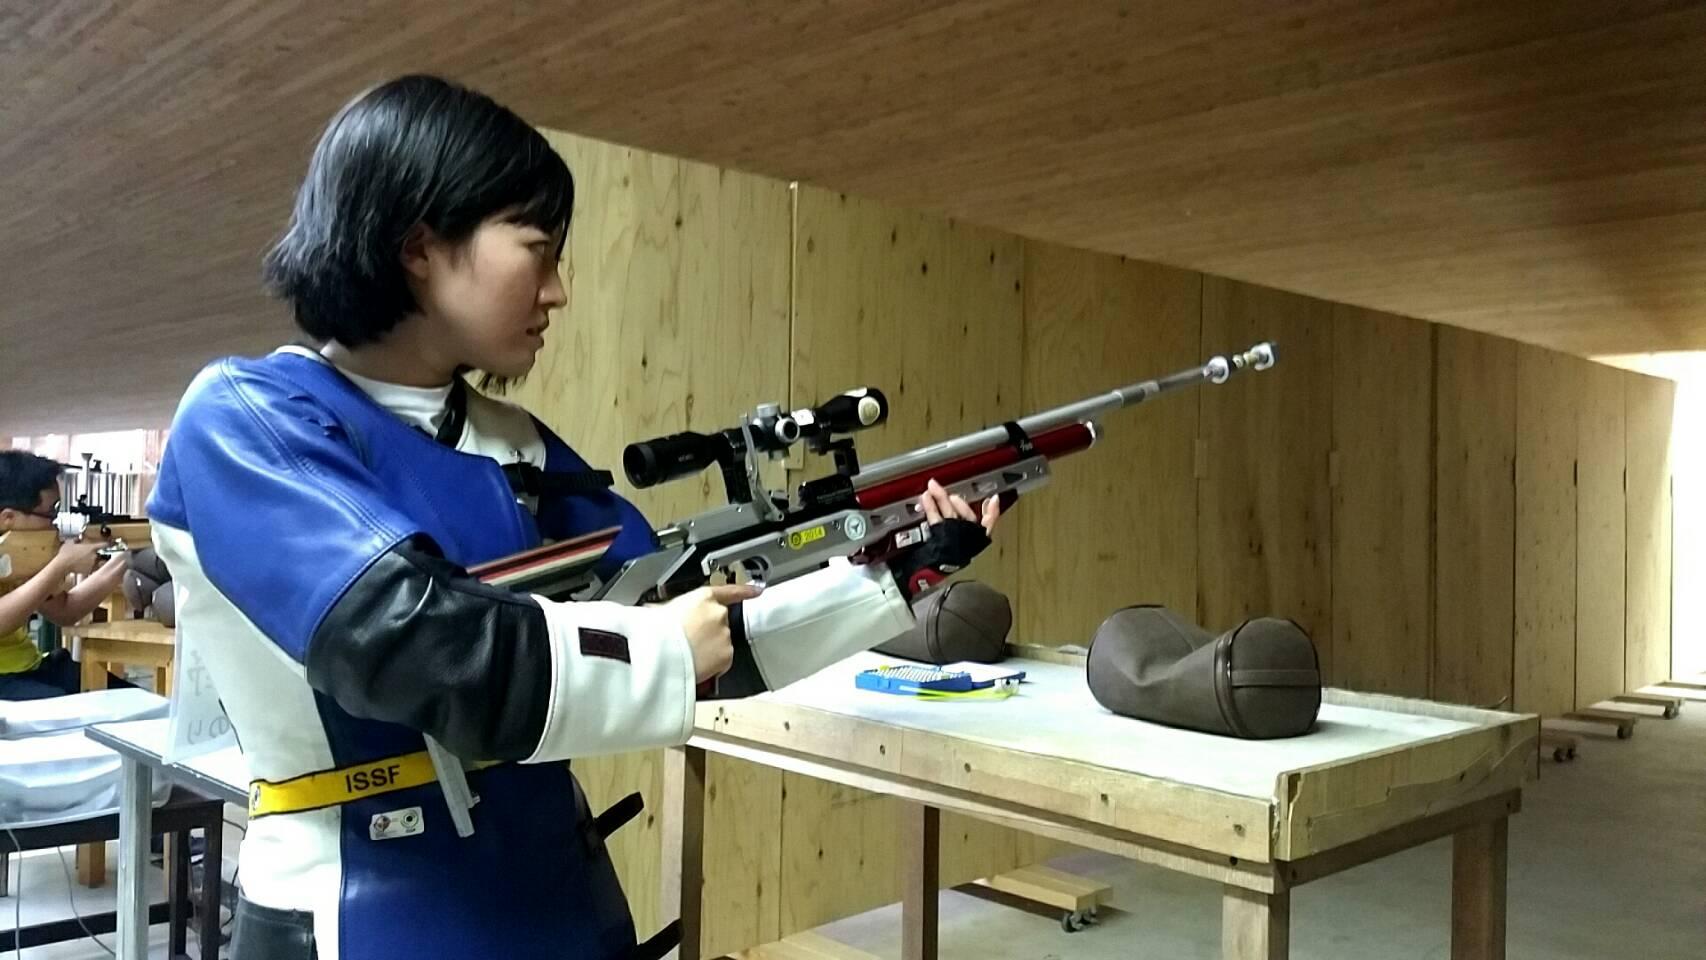 全日本女王・判野みのり選手が語る射撃への熱い想いとは